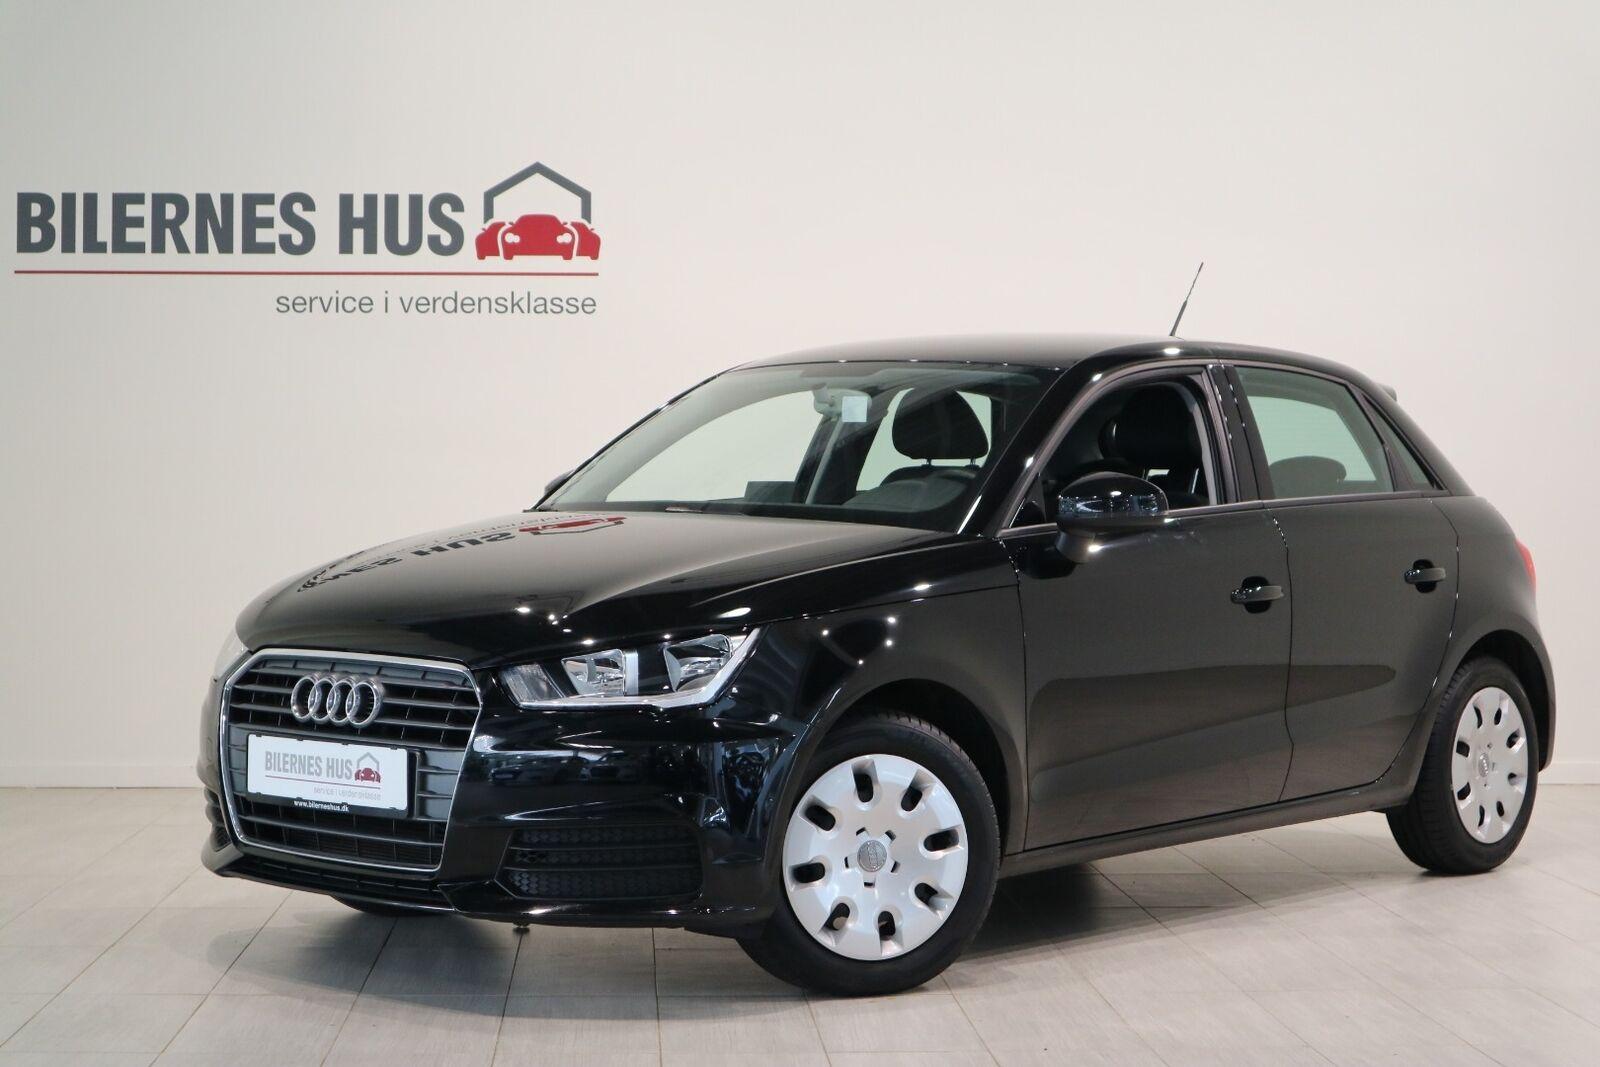 Audi A1 Billede 3